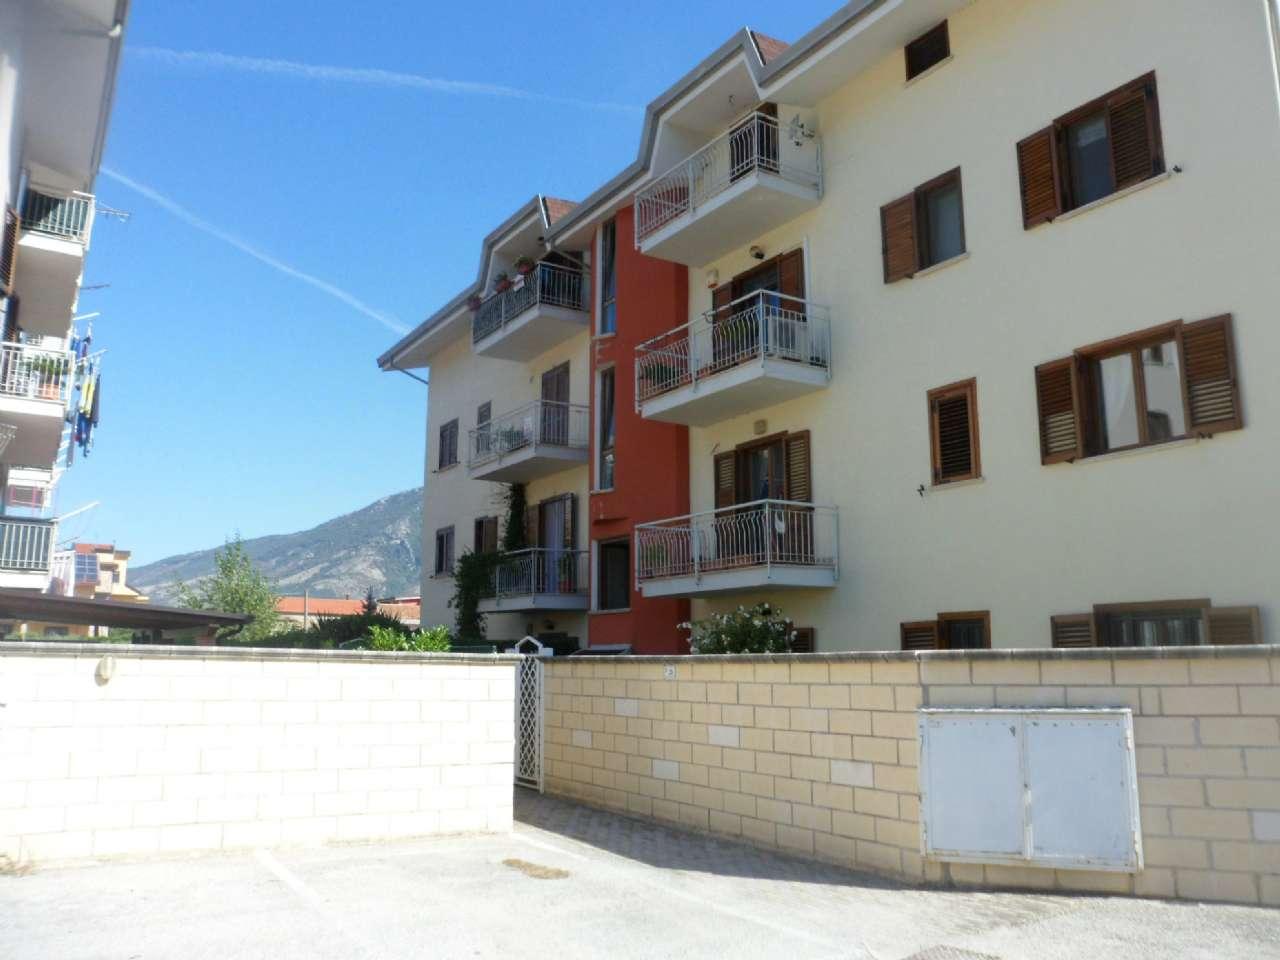 Appartamento in vendita a Airola, 5 locali, prezzo € 155.000 | CambioCasa.it